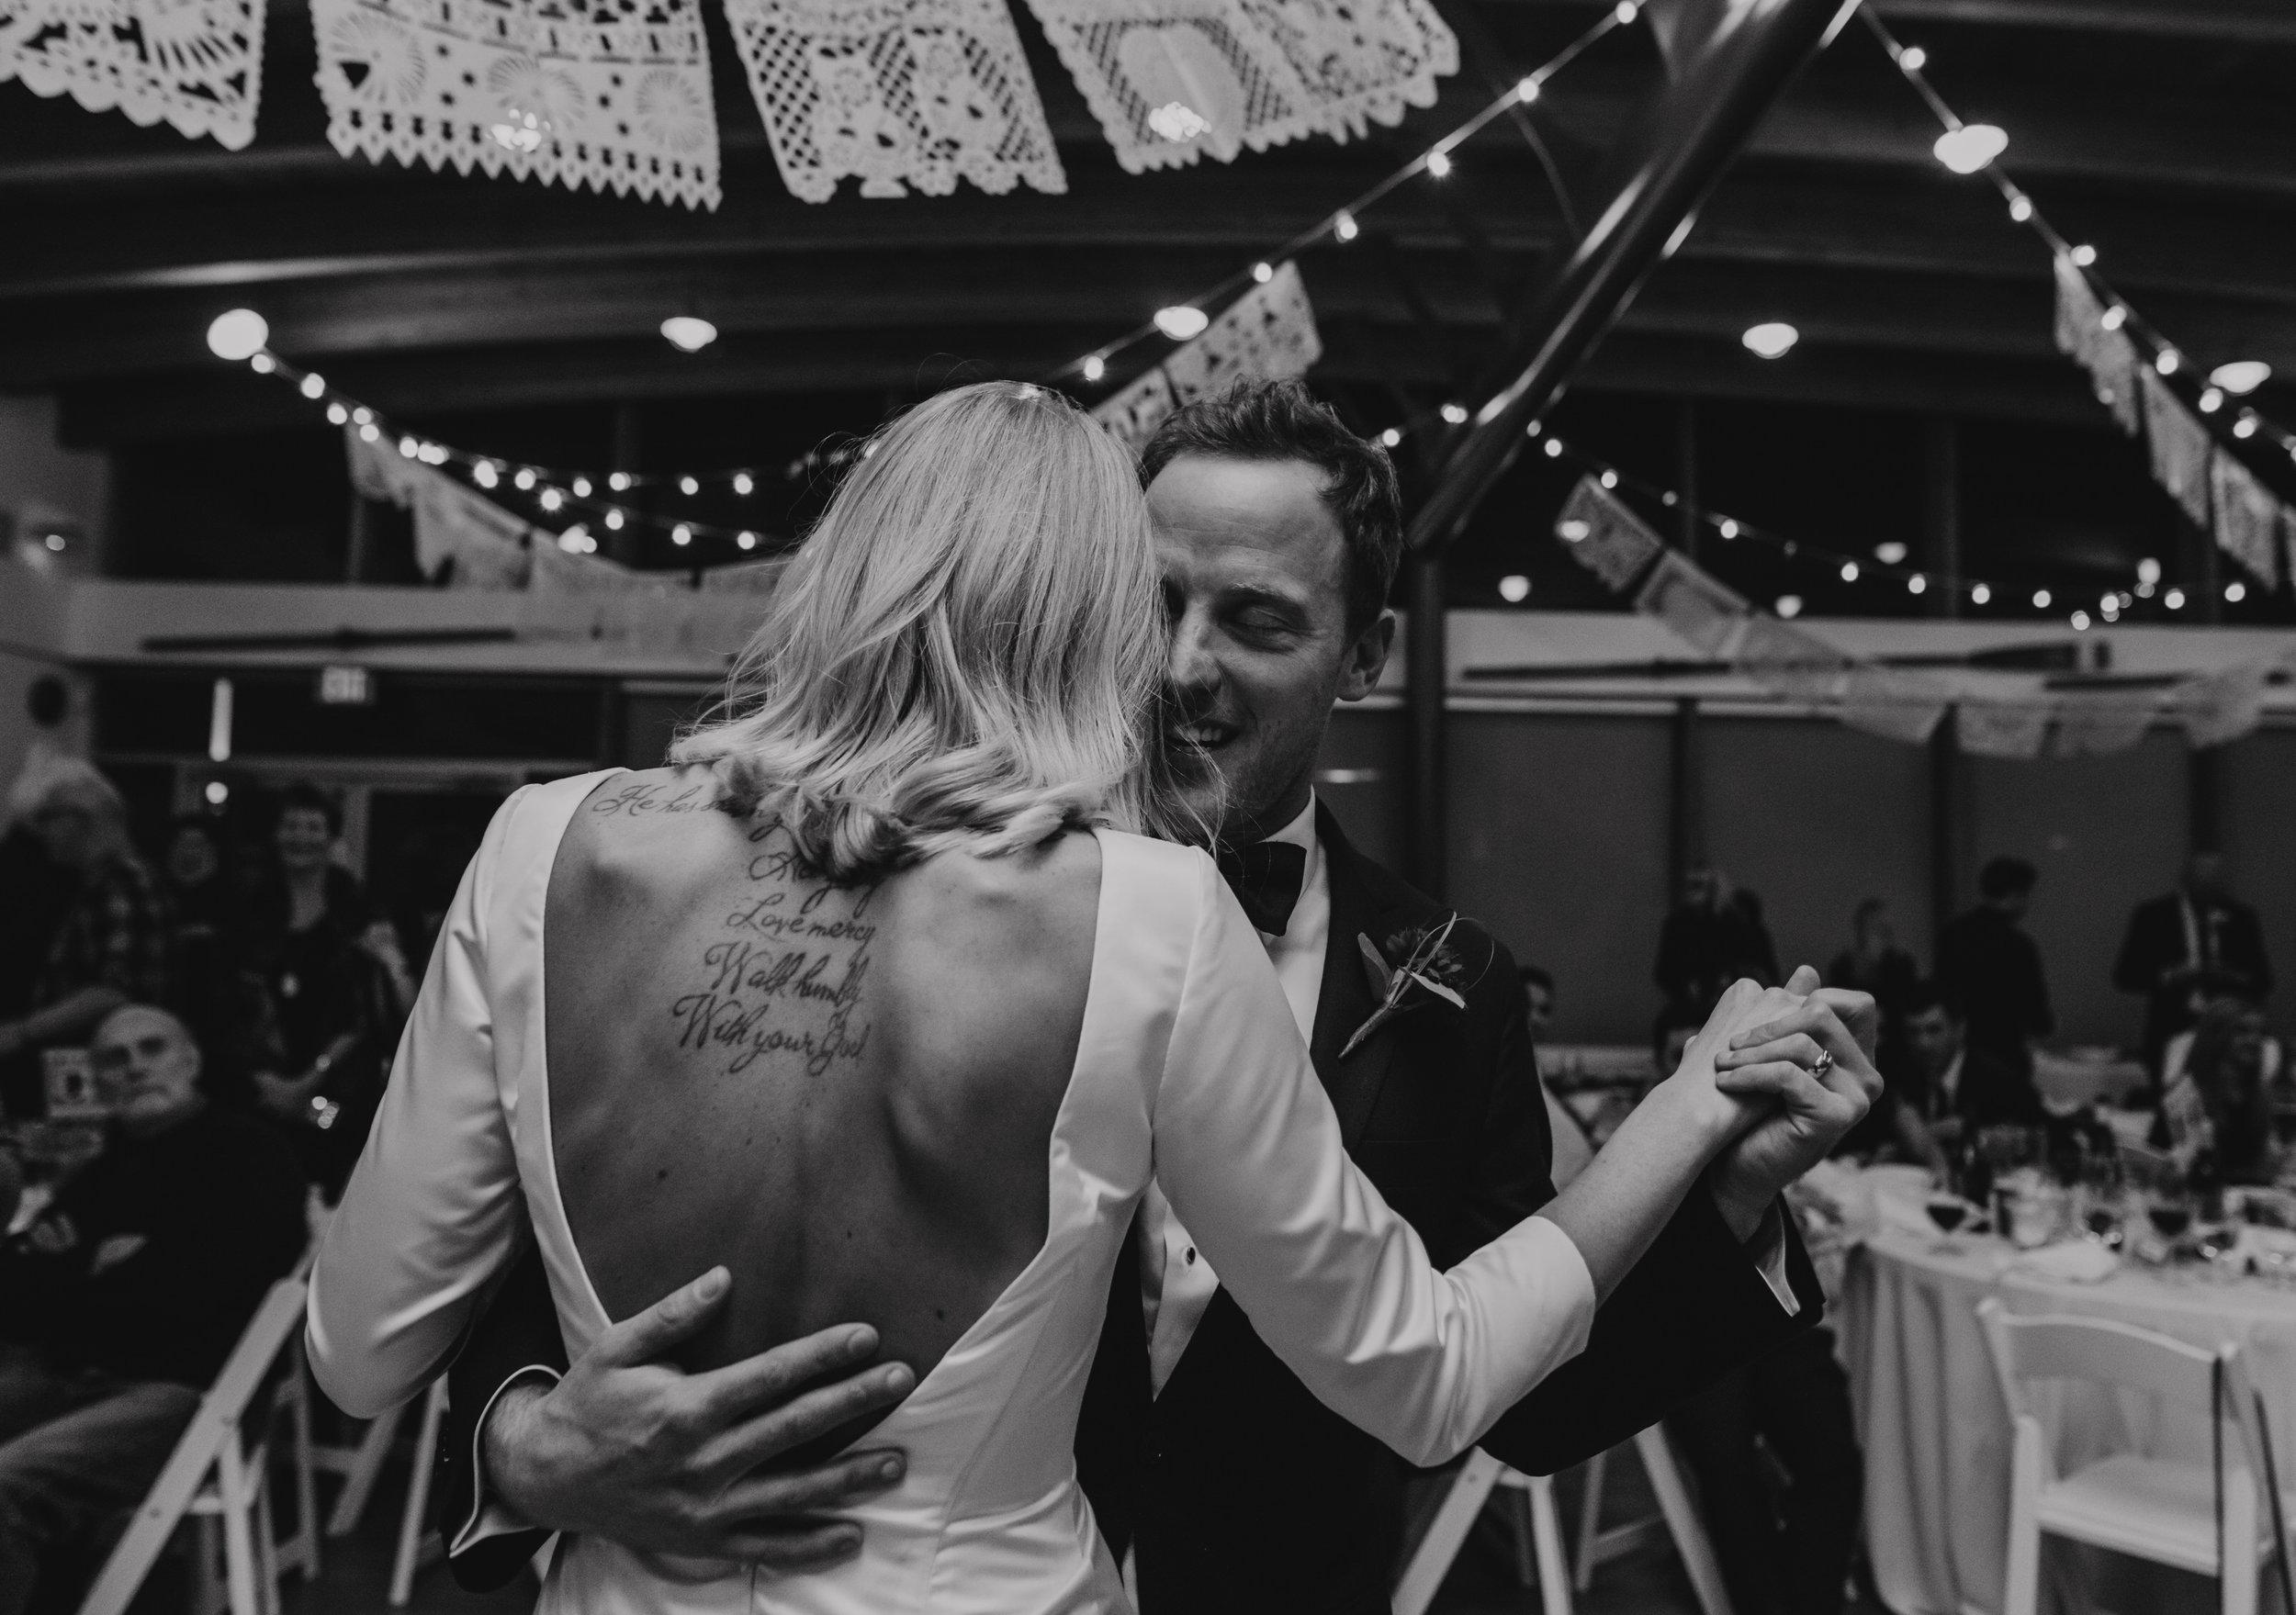 Vancouver New Years Eve Wedding - UBC Boathouse Wedding - Kitsilano Wedding Photos - Vancouver Wedding Photographer - Vancouver Wedding Videographer - 869.JPG